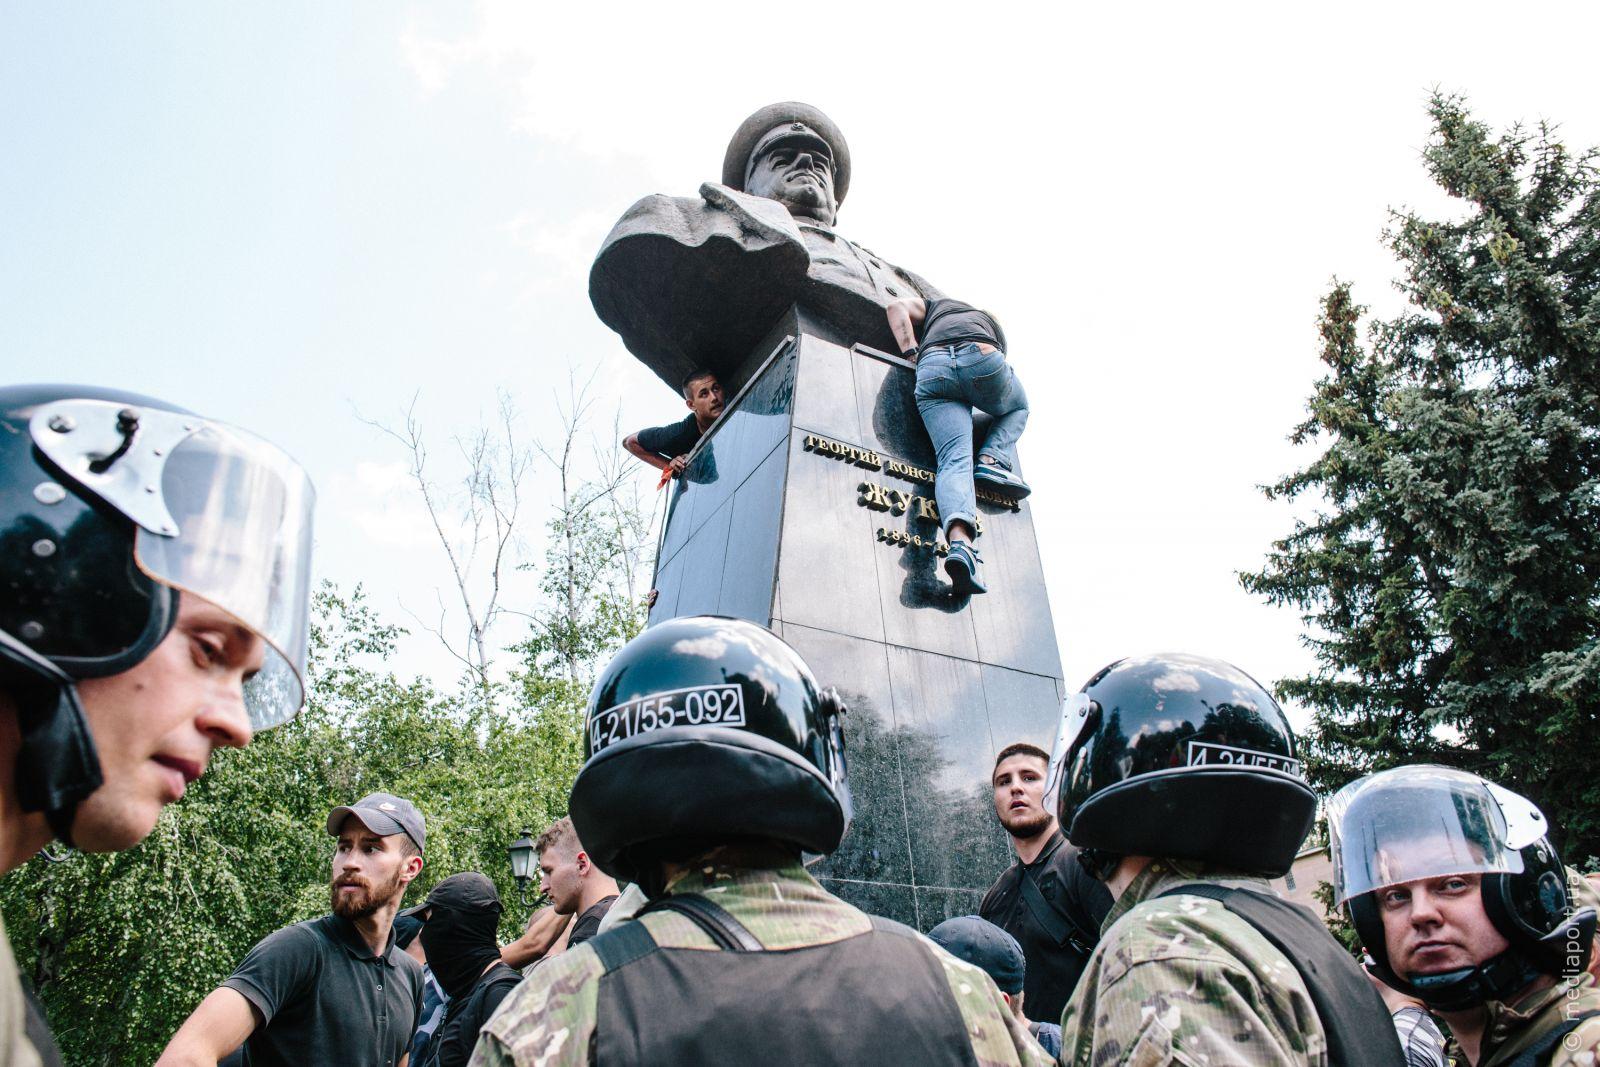 Повалення пам'ятника Жукову 2 червня. Фото Павла Пахоменка